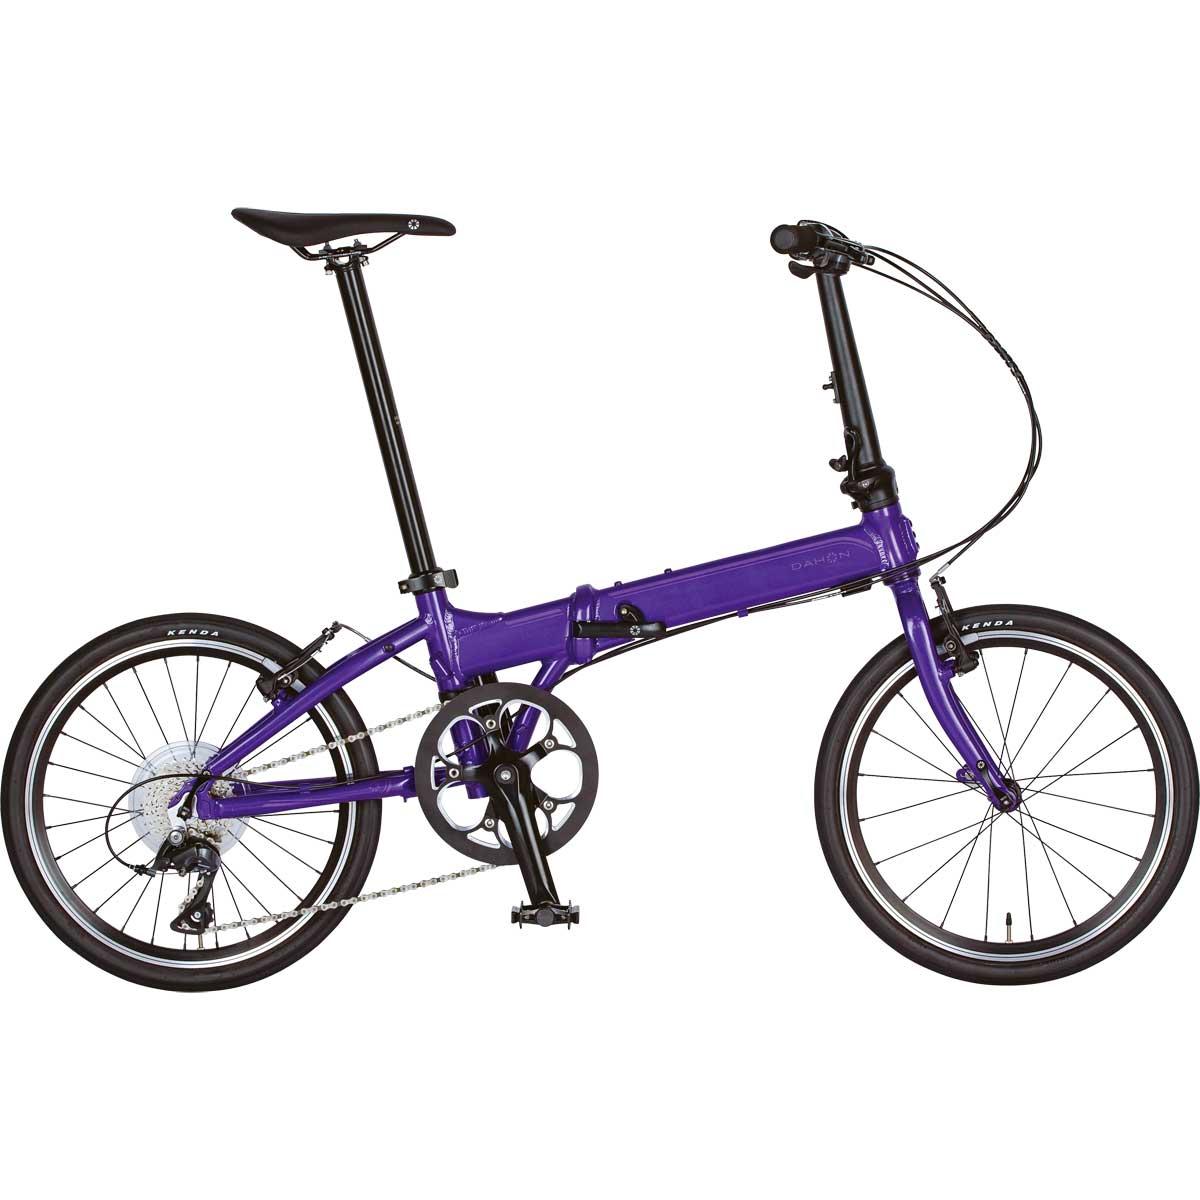 DAHON/ダホンVitesseD8ヴィテッセD8アメシスト(9025)折りたたみ自転車自転車本体